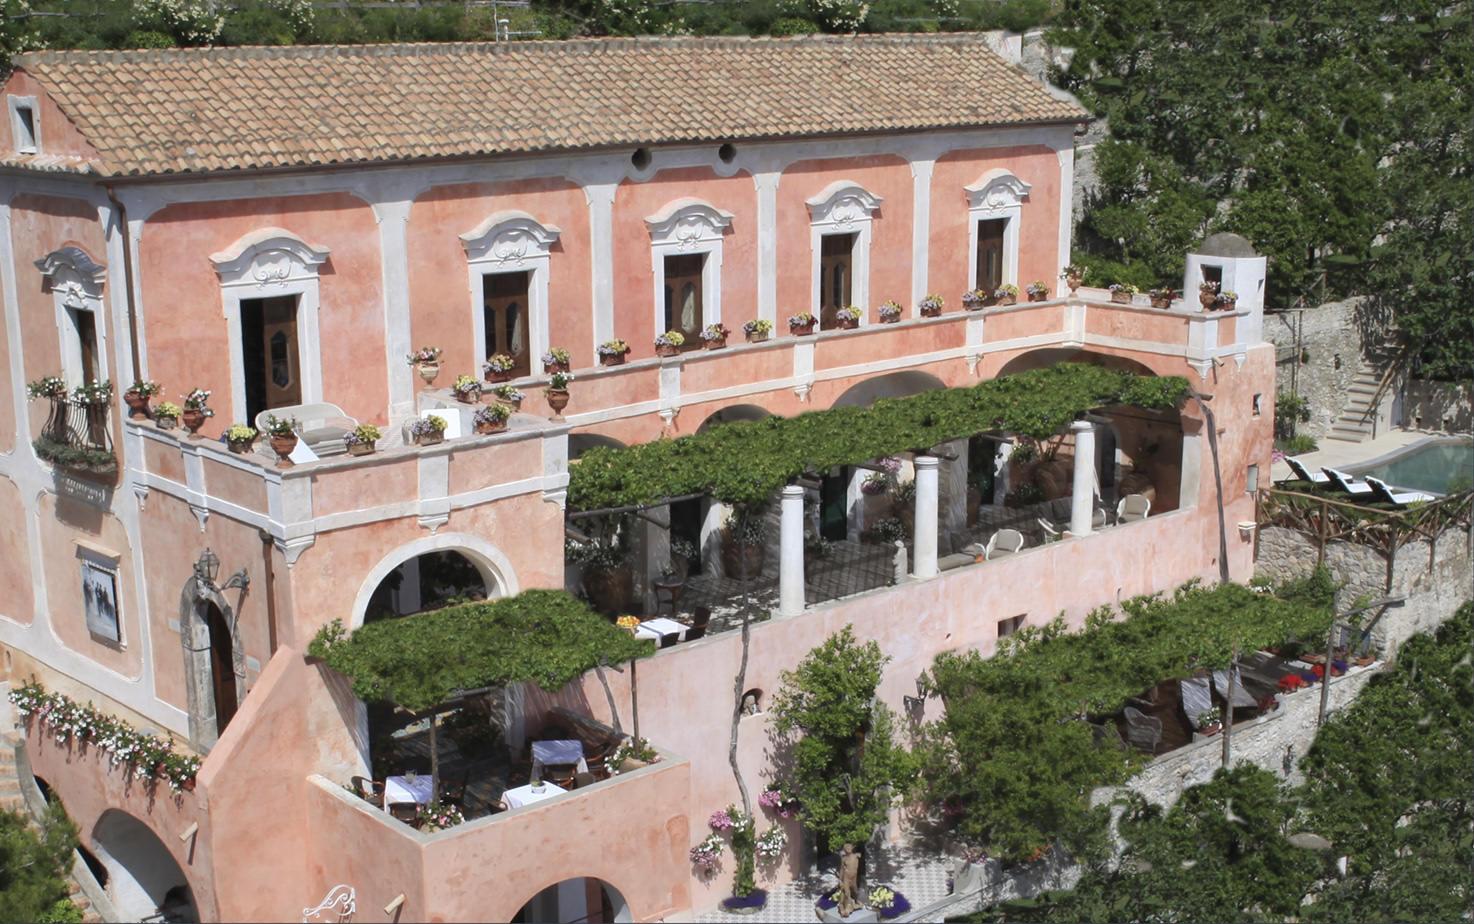 Façade of Positano Private Villa